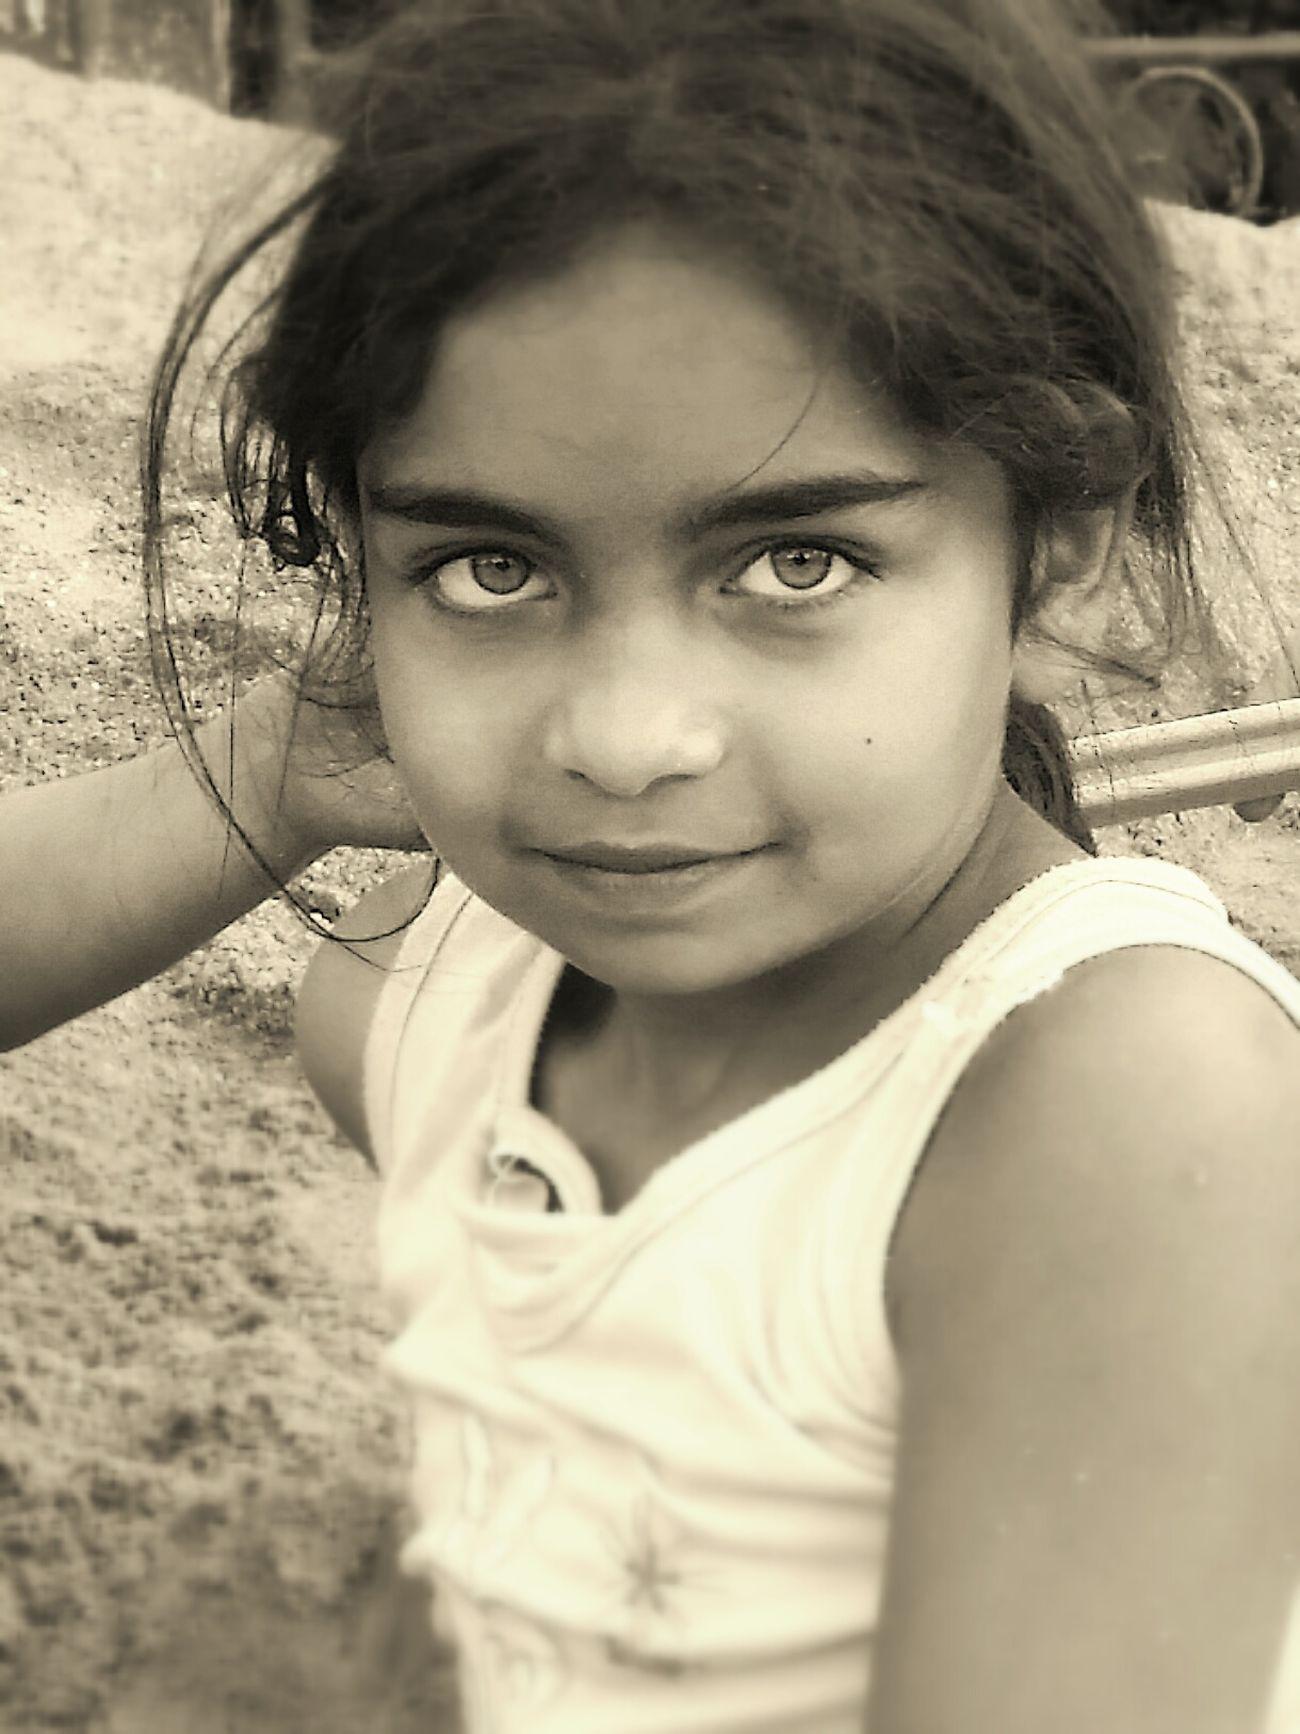 Eyes Child Girl Sepia